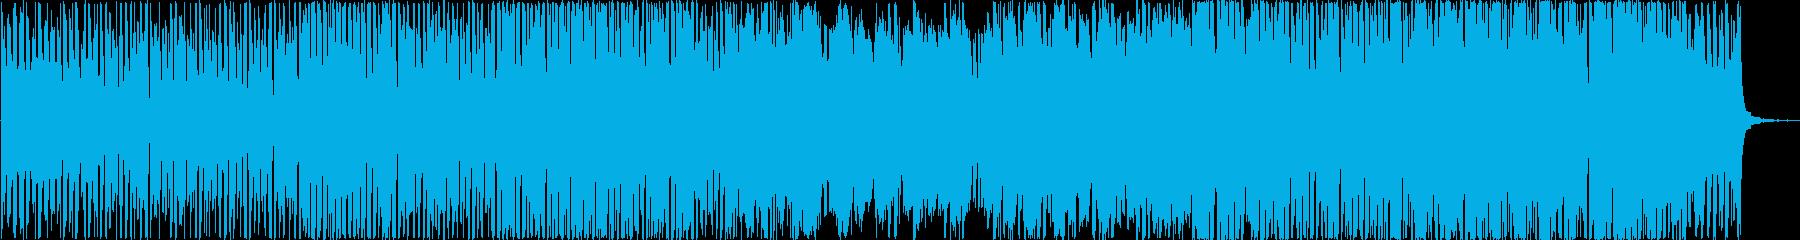 東洋と西洋のエキゾチックポップサウンドの再生済みの波形